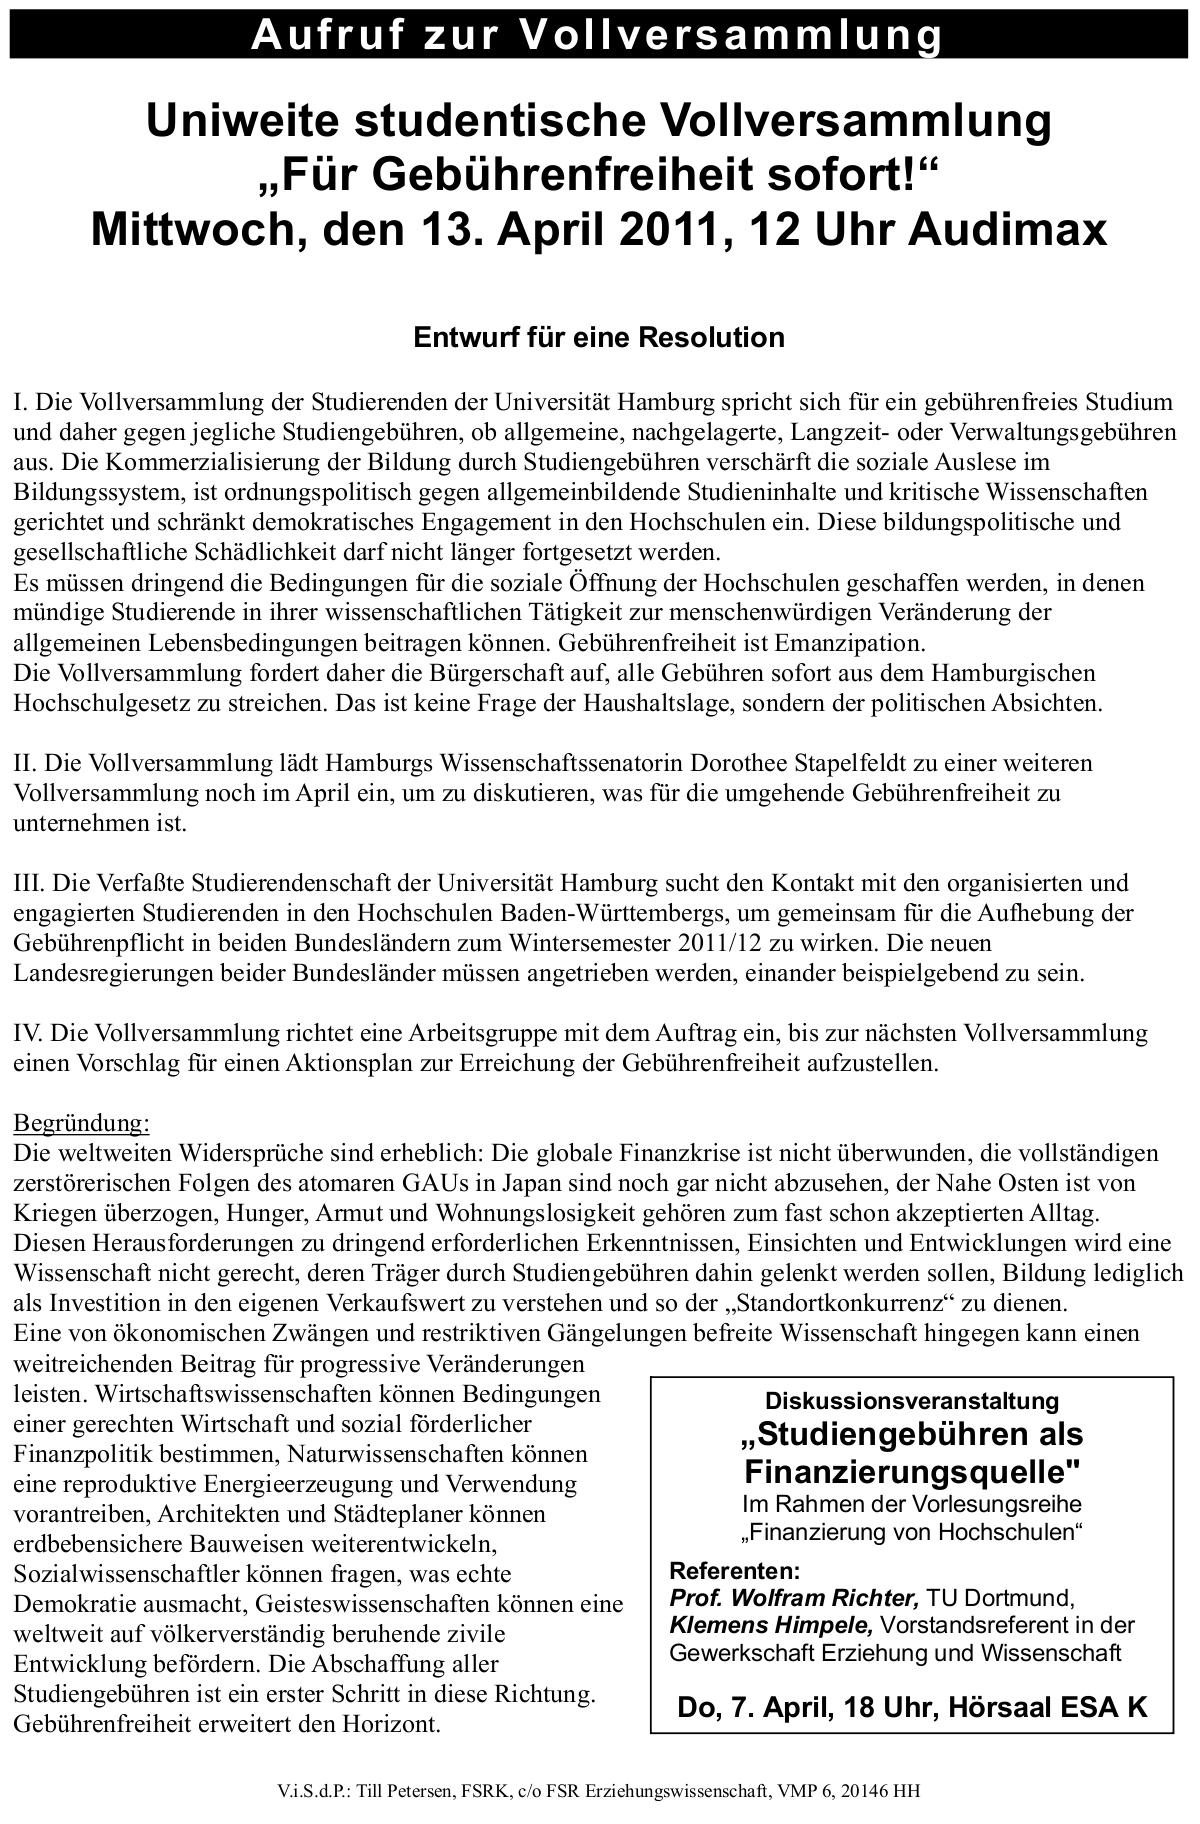 Resolutionsentwurf Vollversammlung 13.04.2011 12 Uhr Audimax Uni Hamburg